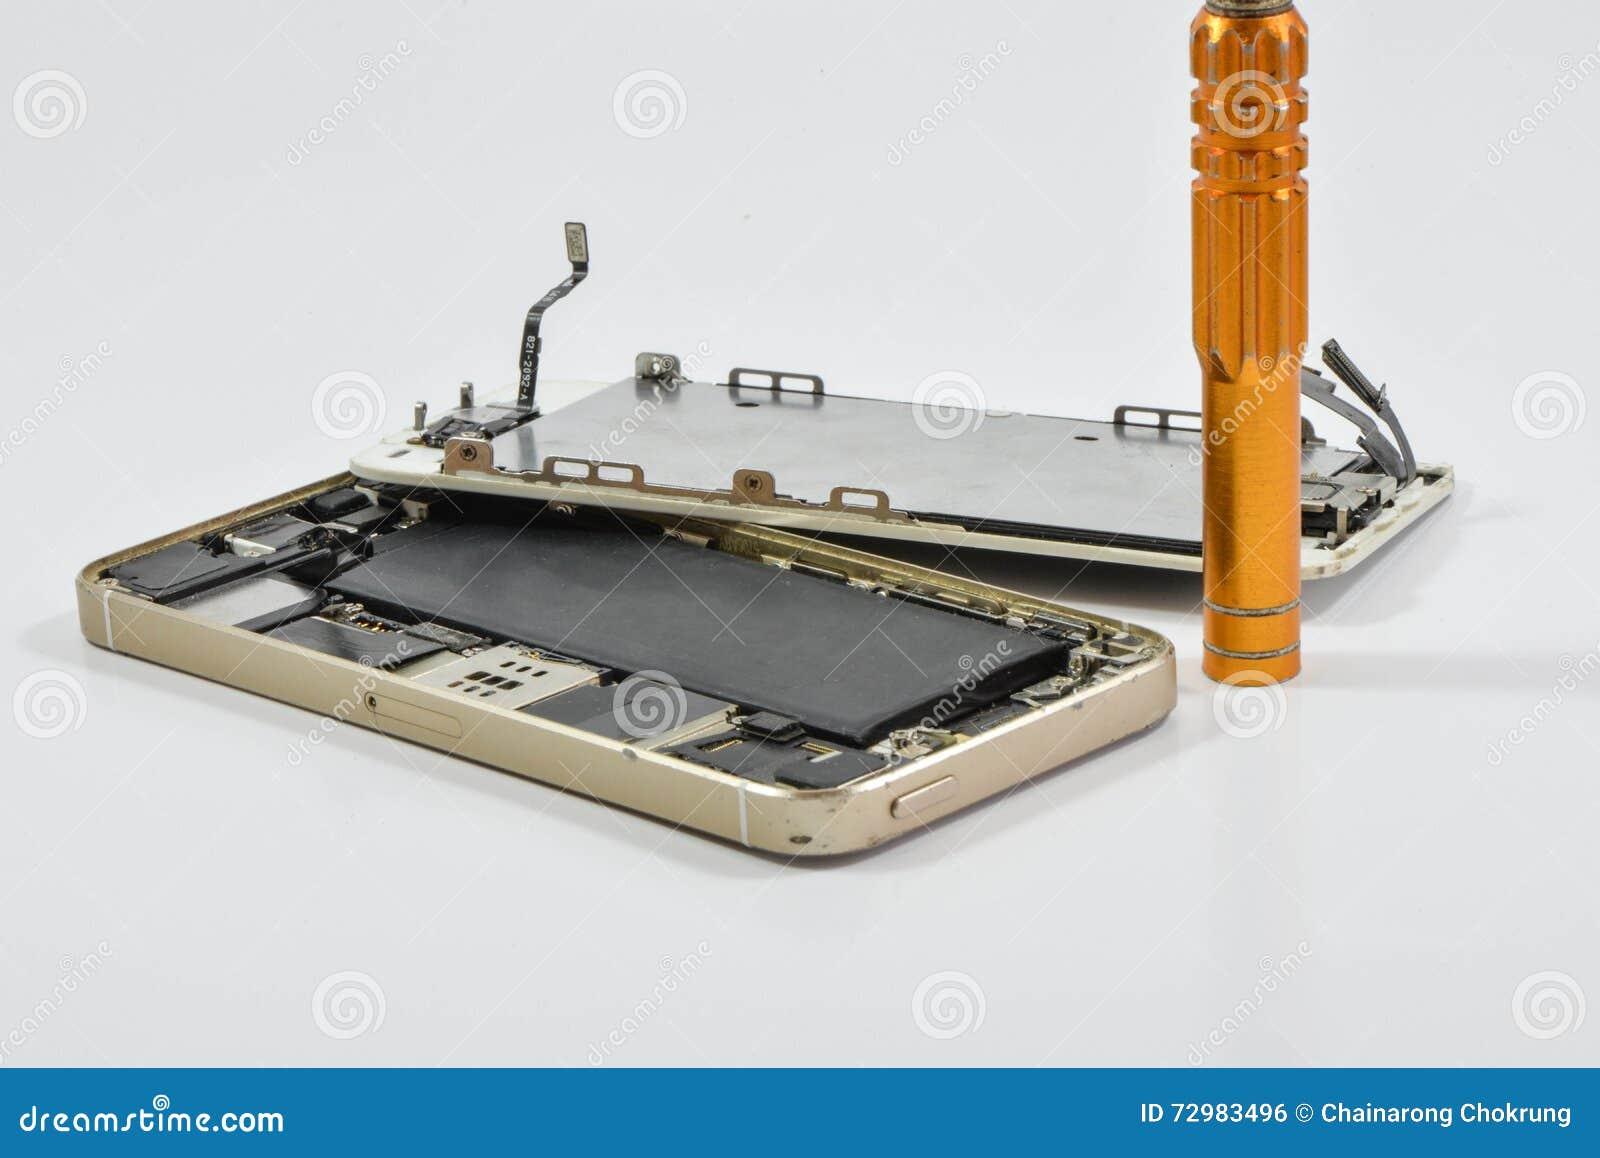 Broken of mobile phone and repair tool